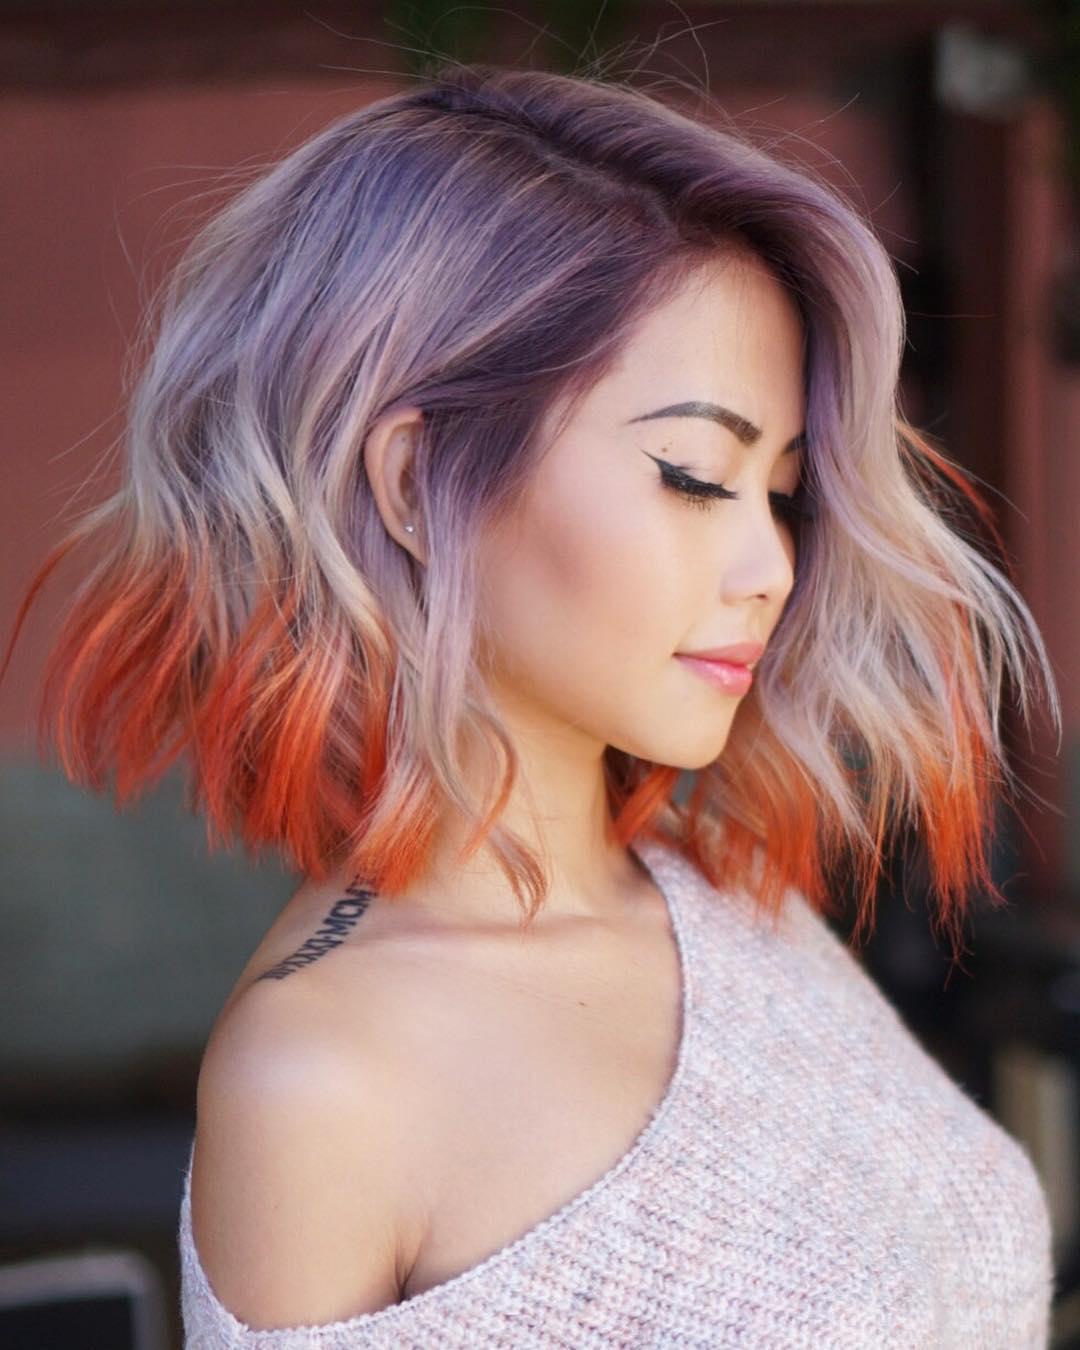 cute natural hairstyles for medium hair; medium hair styles for women; medium hair styles for women with layers; medium hair styles colors idea; ombre color for medium hair